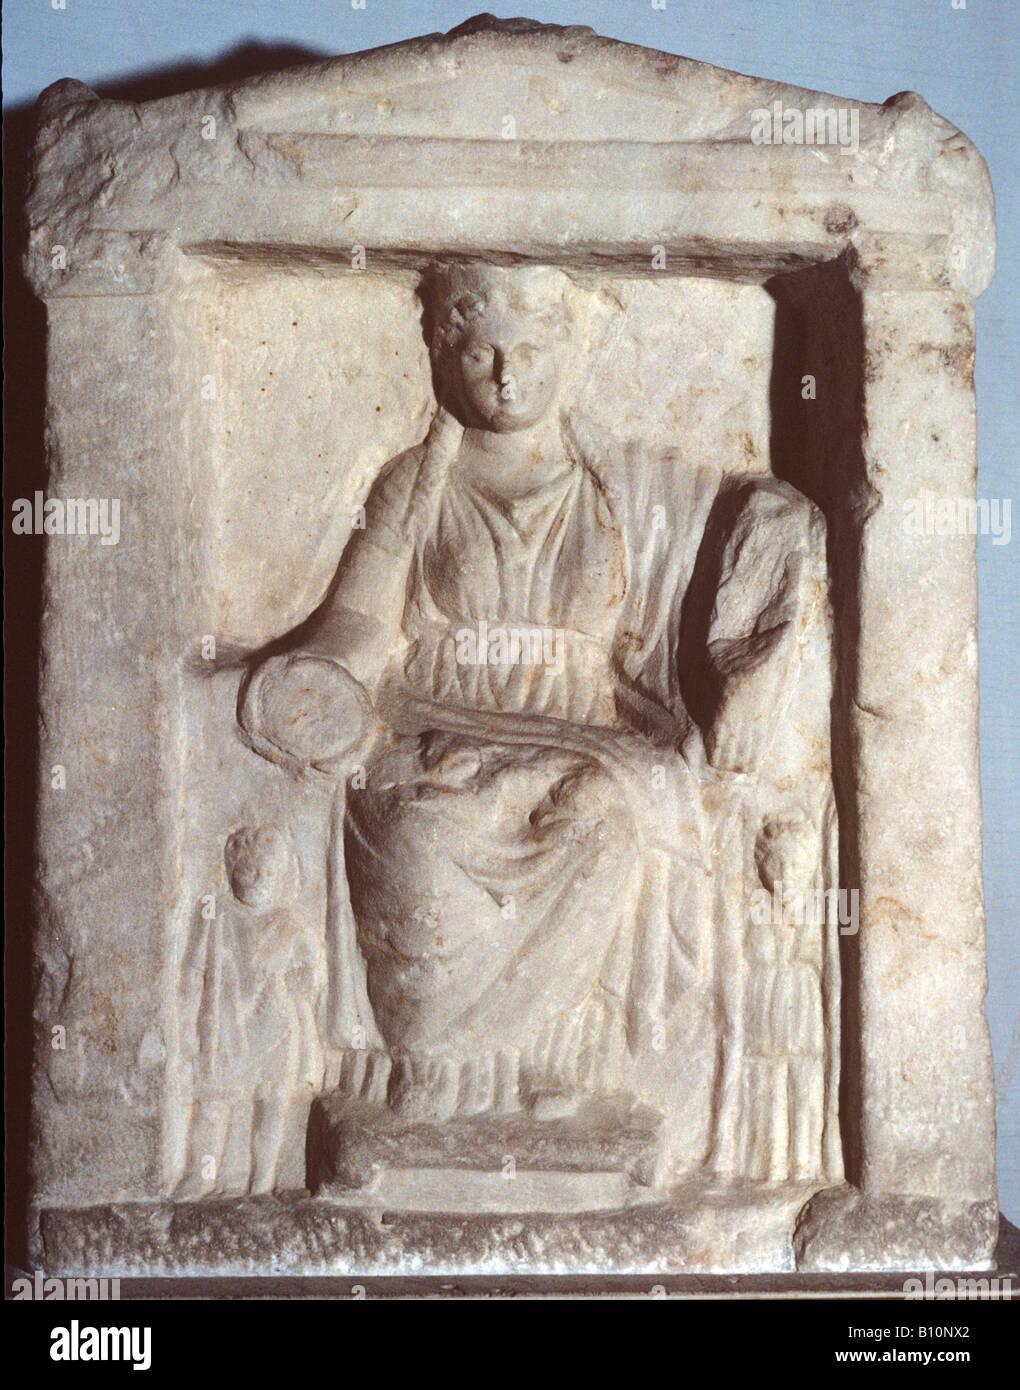 Madre degli dèi, rilievo greco. Del IV secolo A.C. Trovato in Agora, Grecia Foto Stock